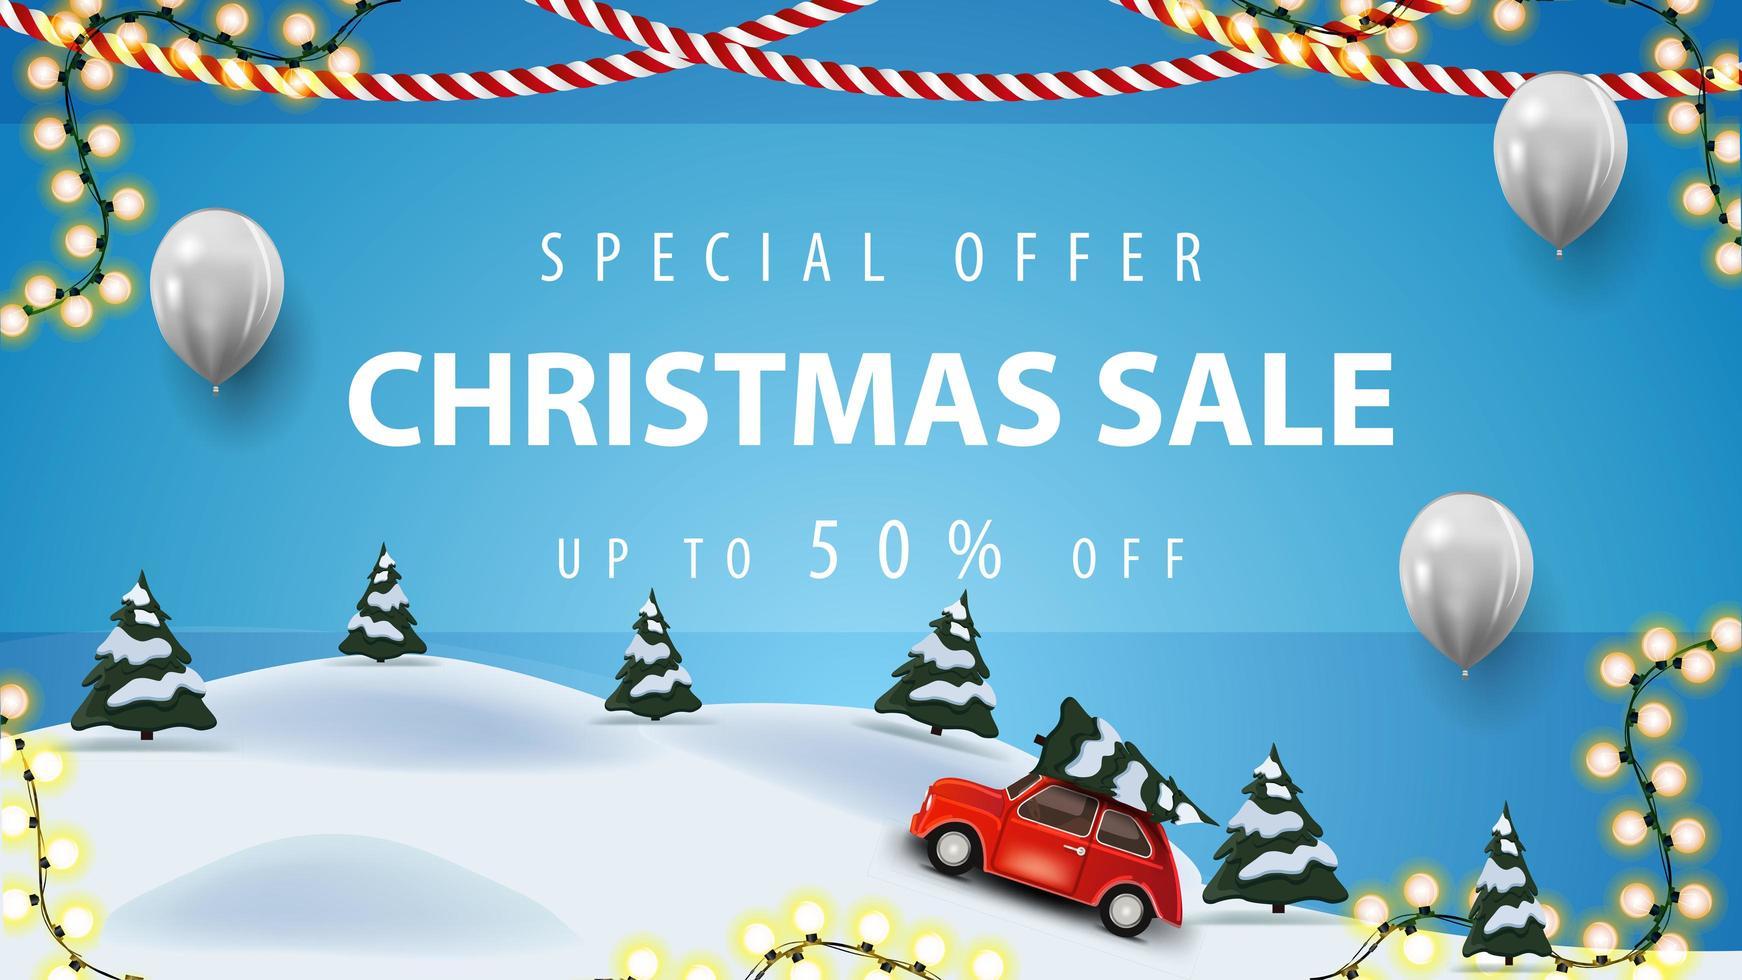 Sonderangebot, Weihnachtsverkauf, bis zu 50 Rabatt, blaues Rabattbanner mit weißen Luftballons, Girlanden und Cartoon-Winterlandschaft mit rotem Oldtimer mit Weihnachtsbaum vektor